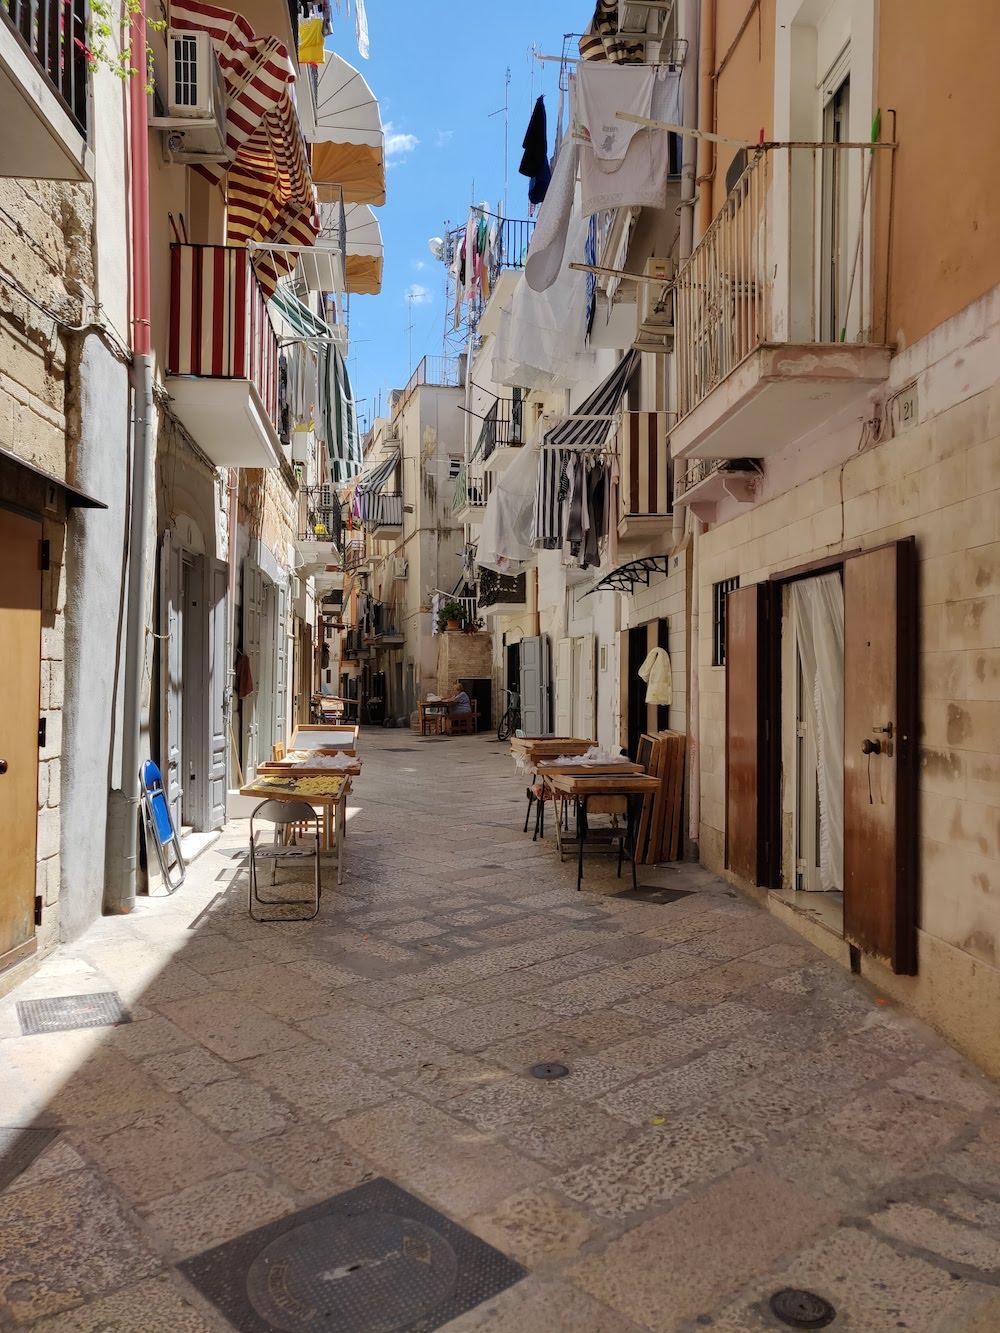 Arco Basso, Bari Vecchia